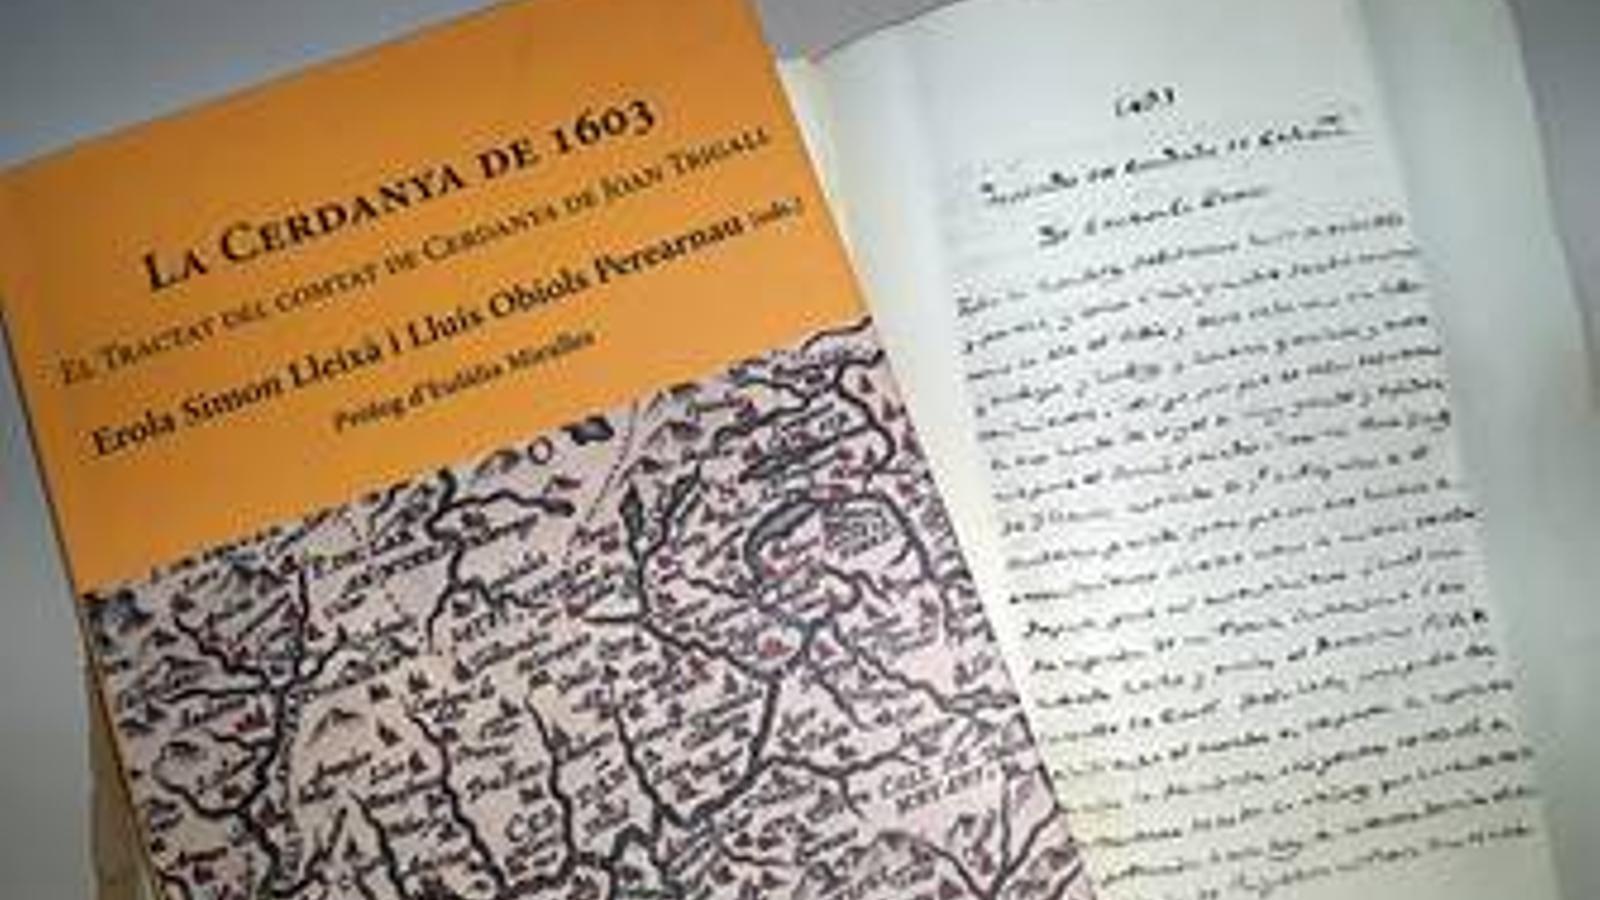 El llibre i el manuscrit original. / ACC